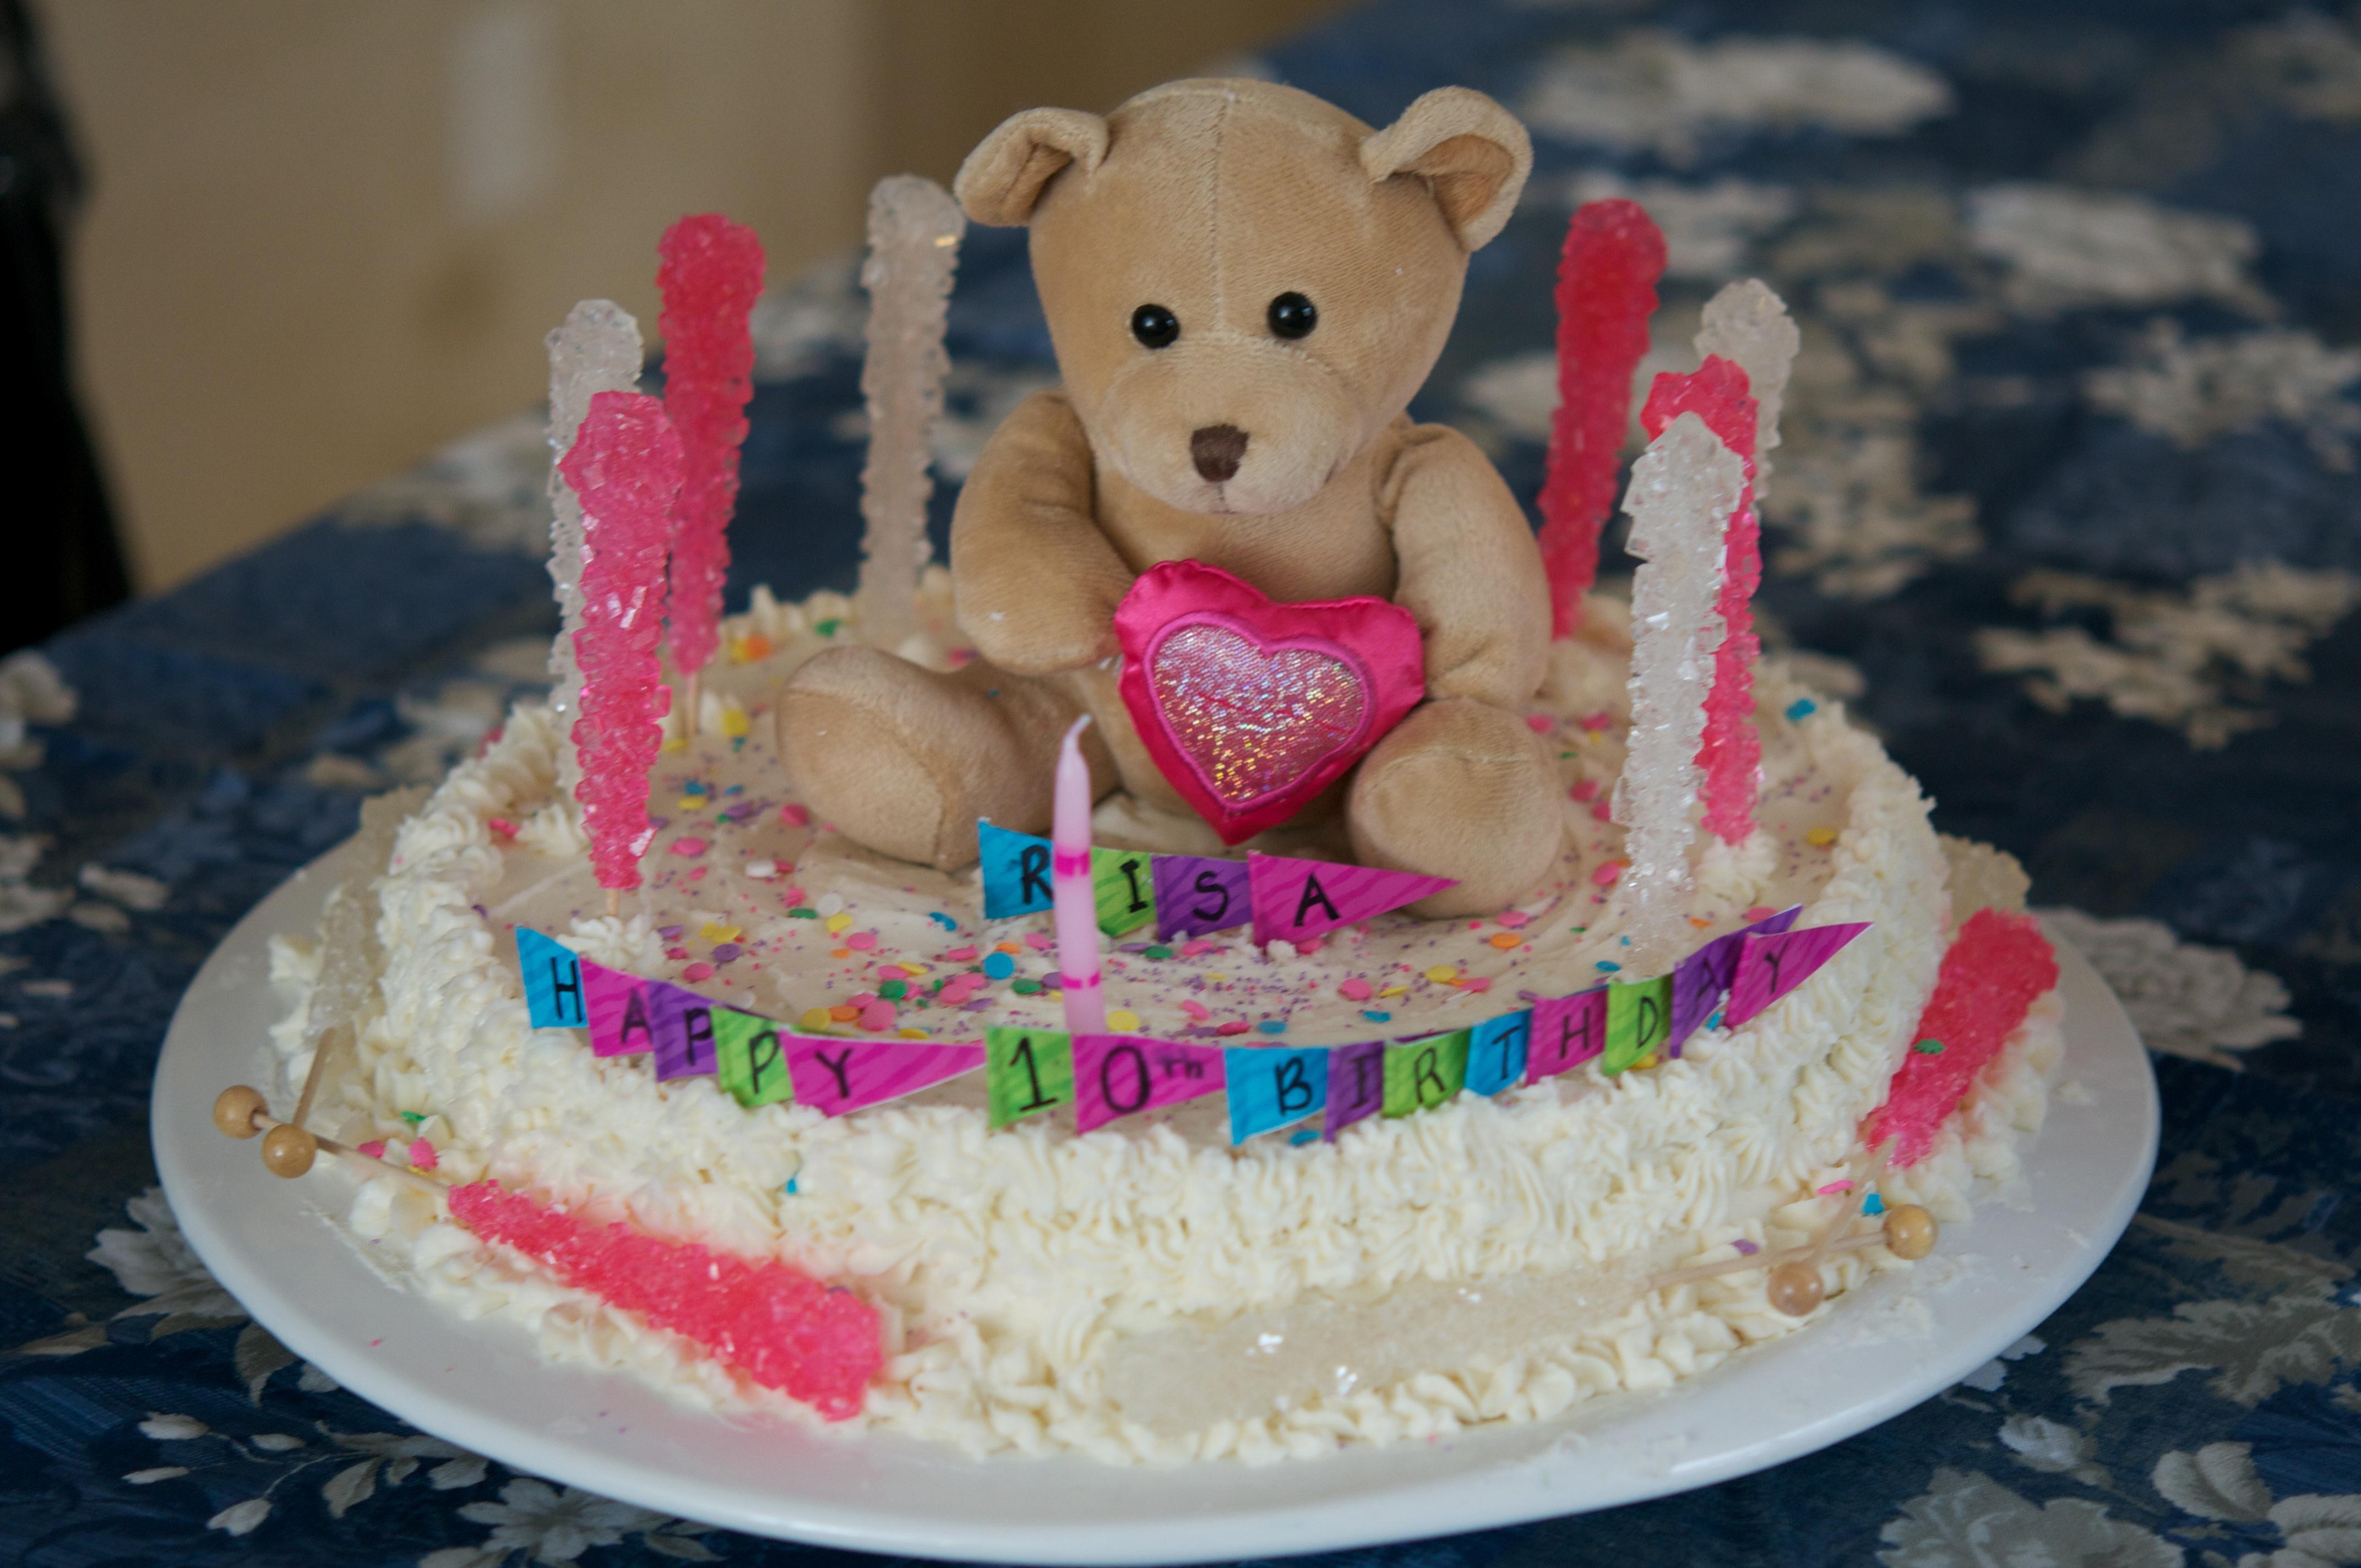 Build A Bear Birthday Party Cake Teddy Bear Cake The Restaurant Fairy S Kitchen